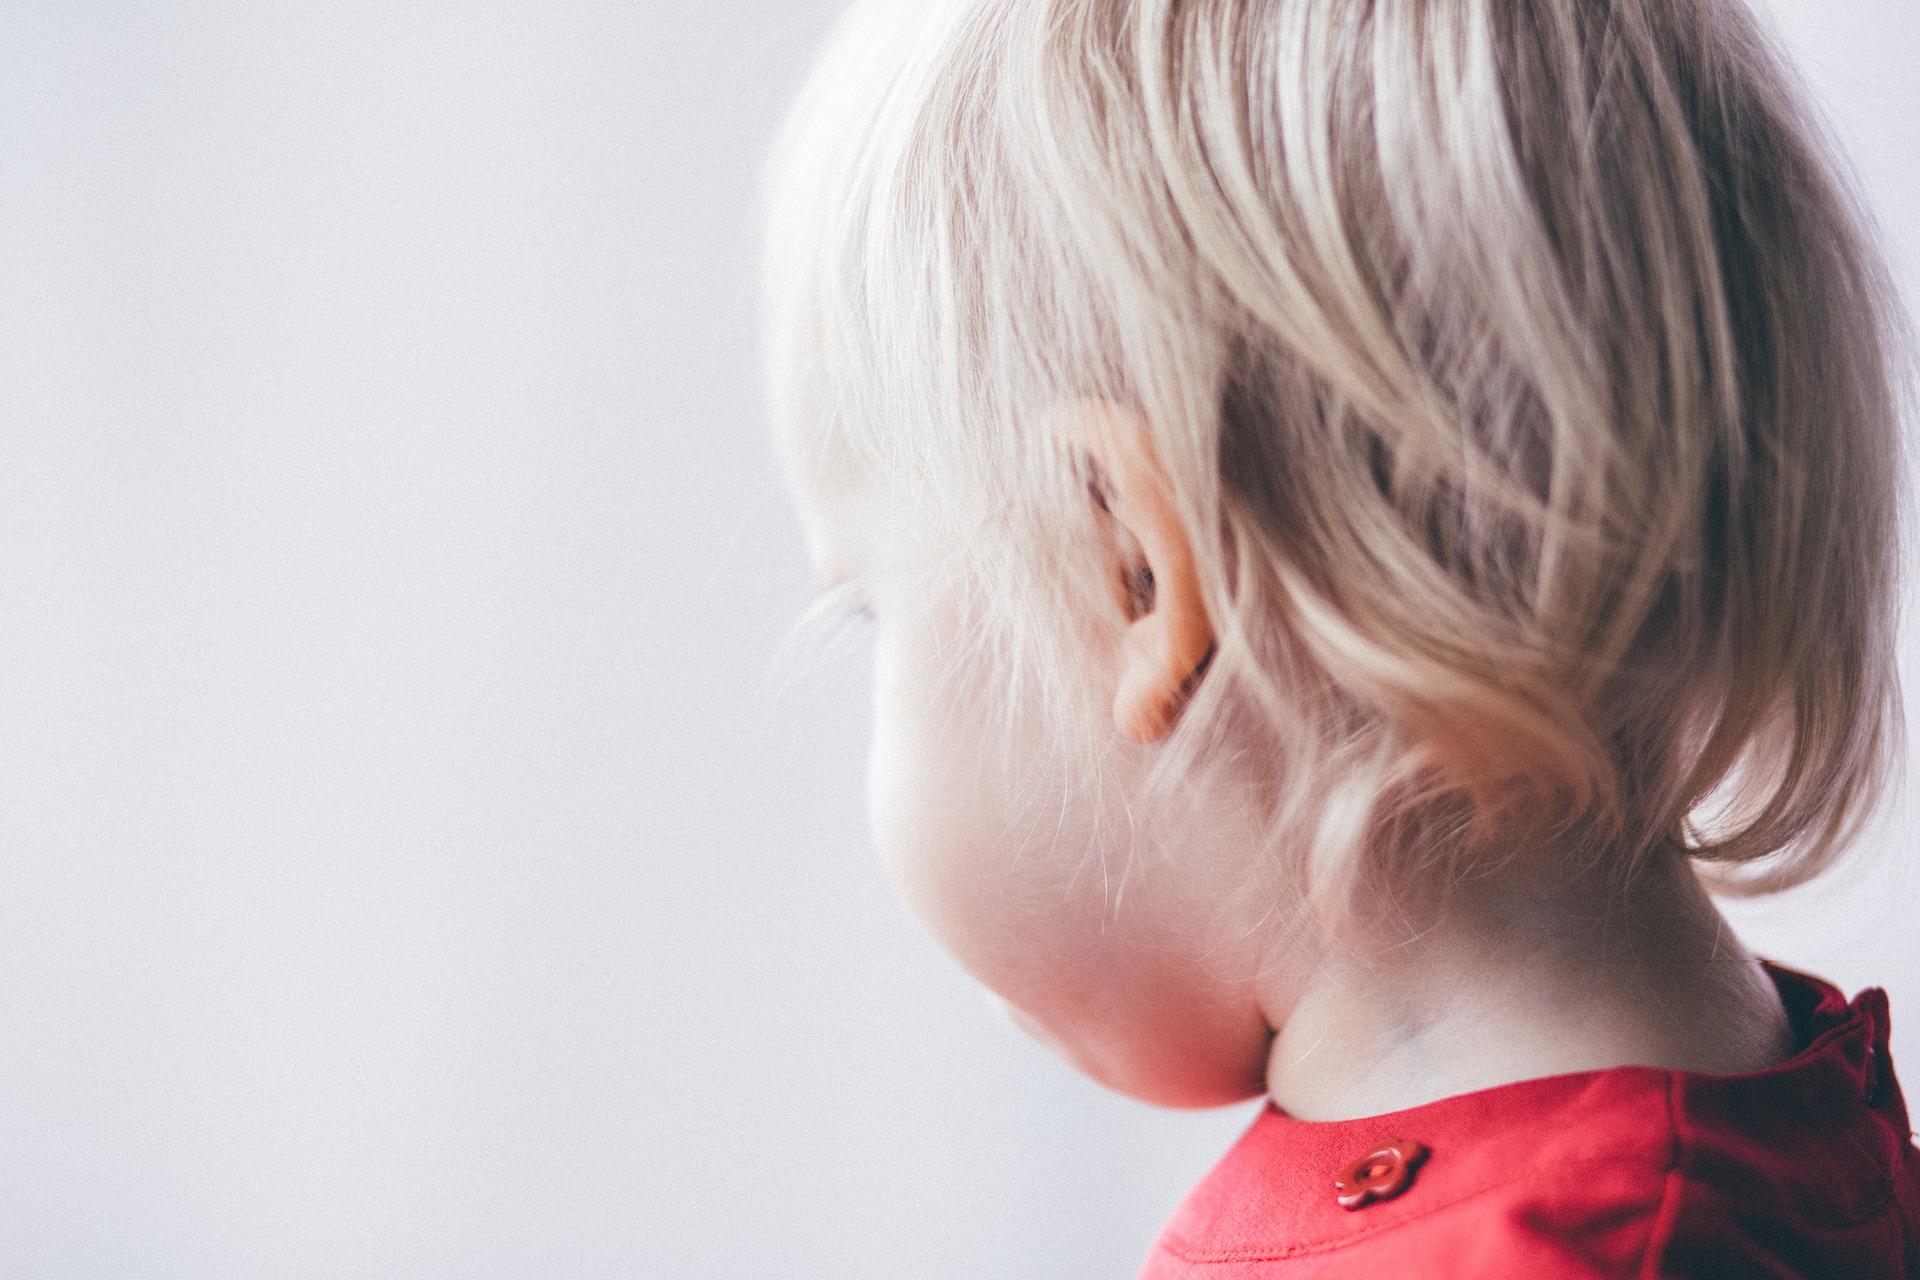 טיפול הומאופתי בדלקת אוזניים